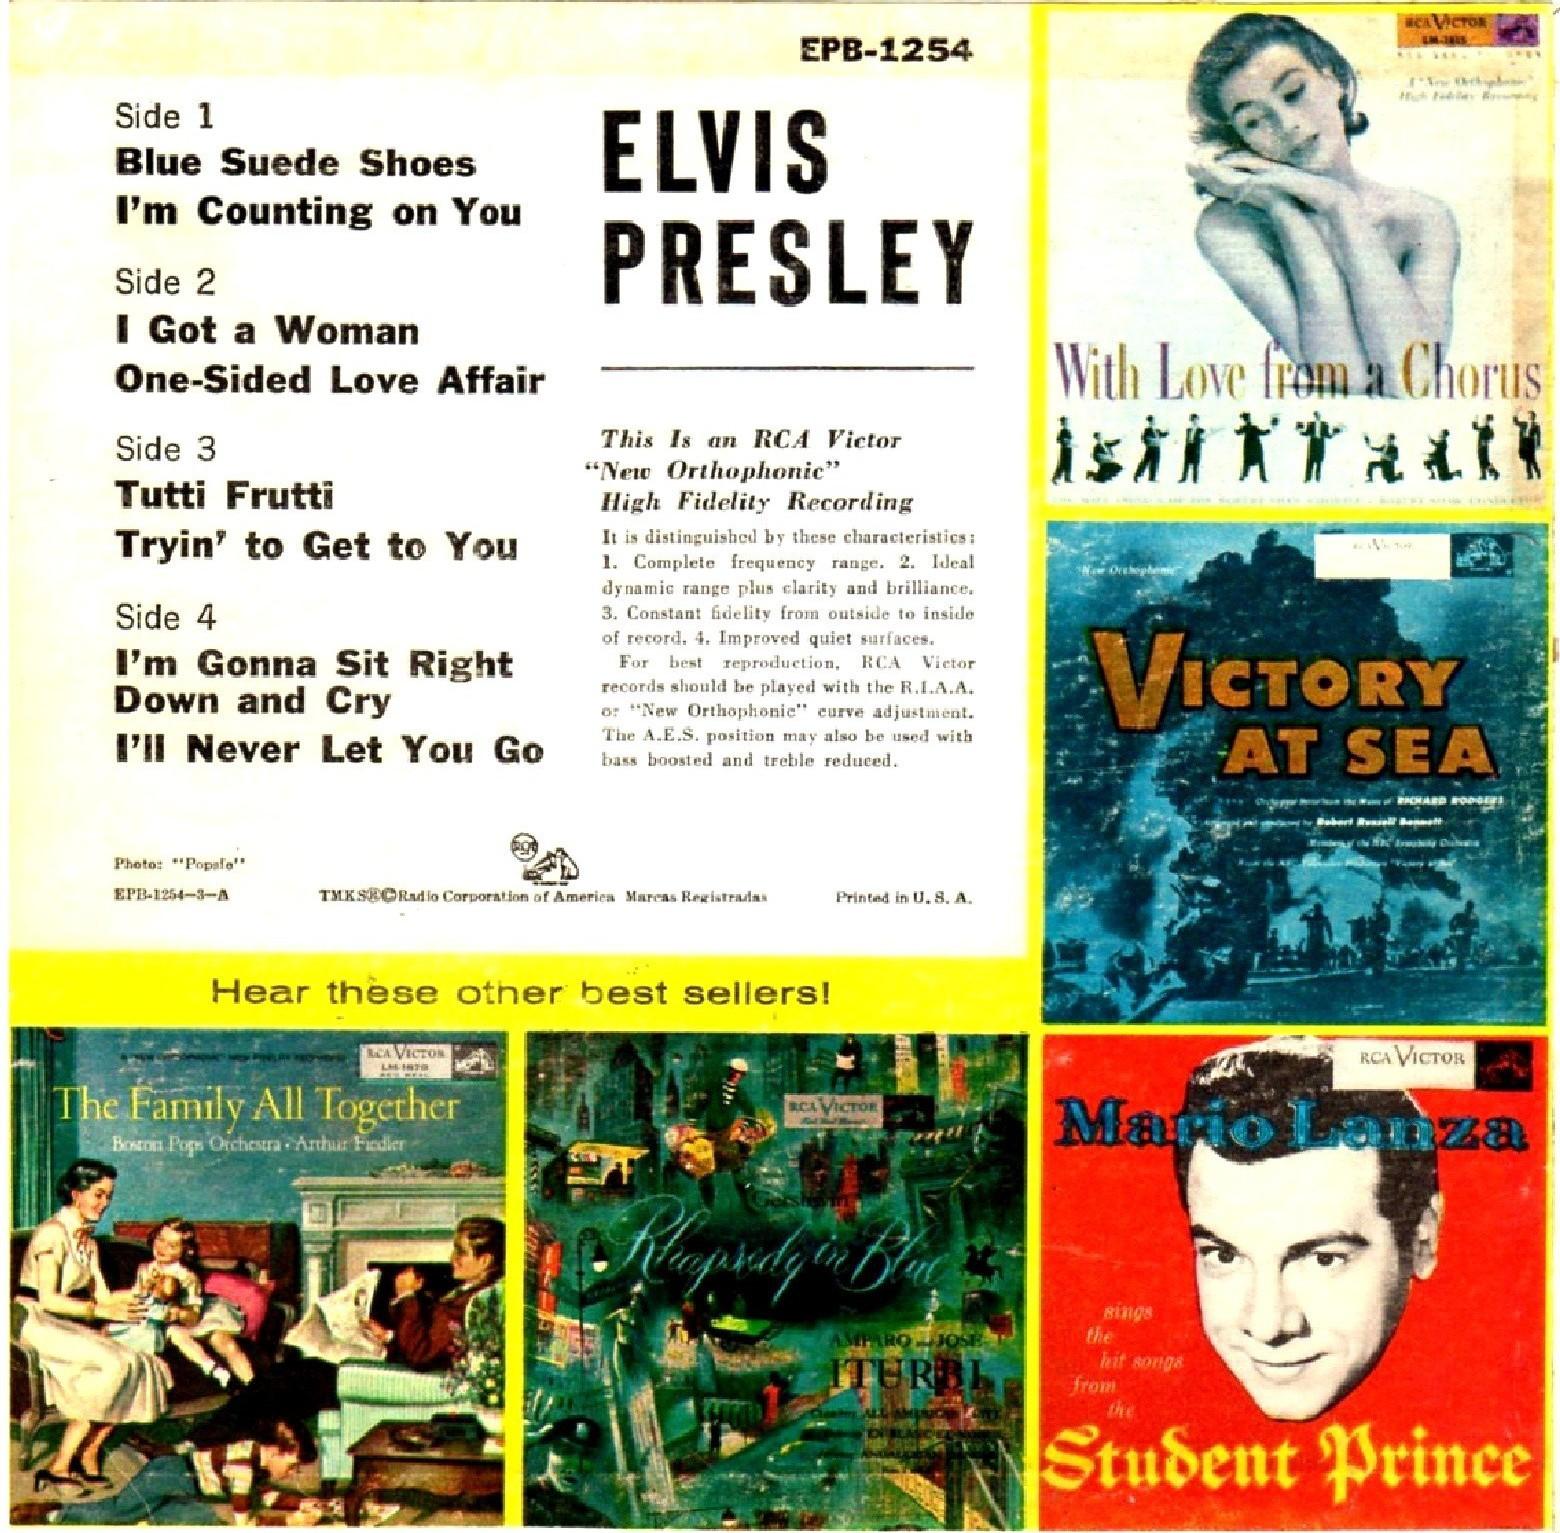 Presley - ELVIS PRESLEY Epb-1254bi9agr